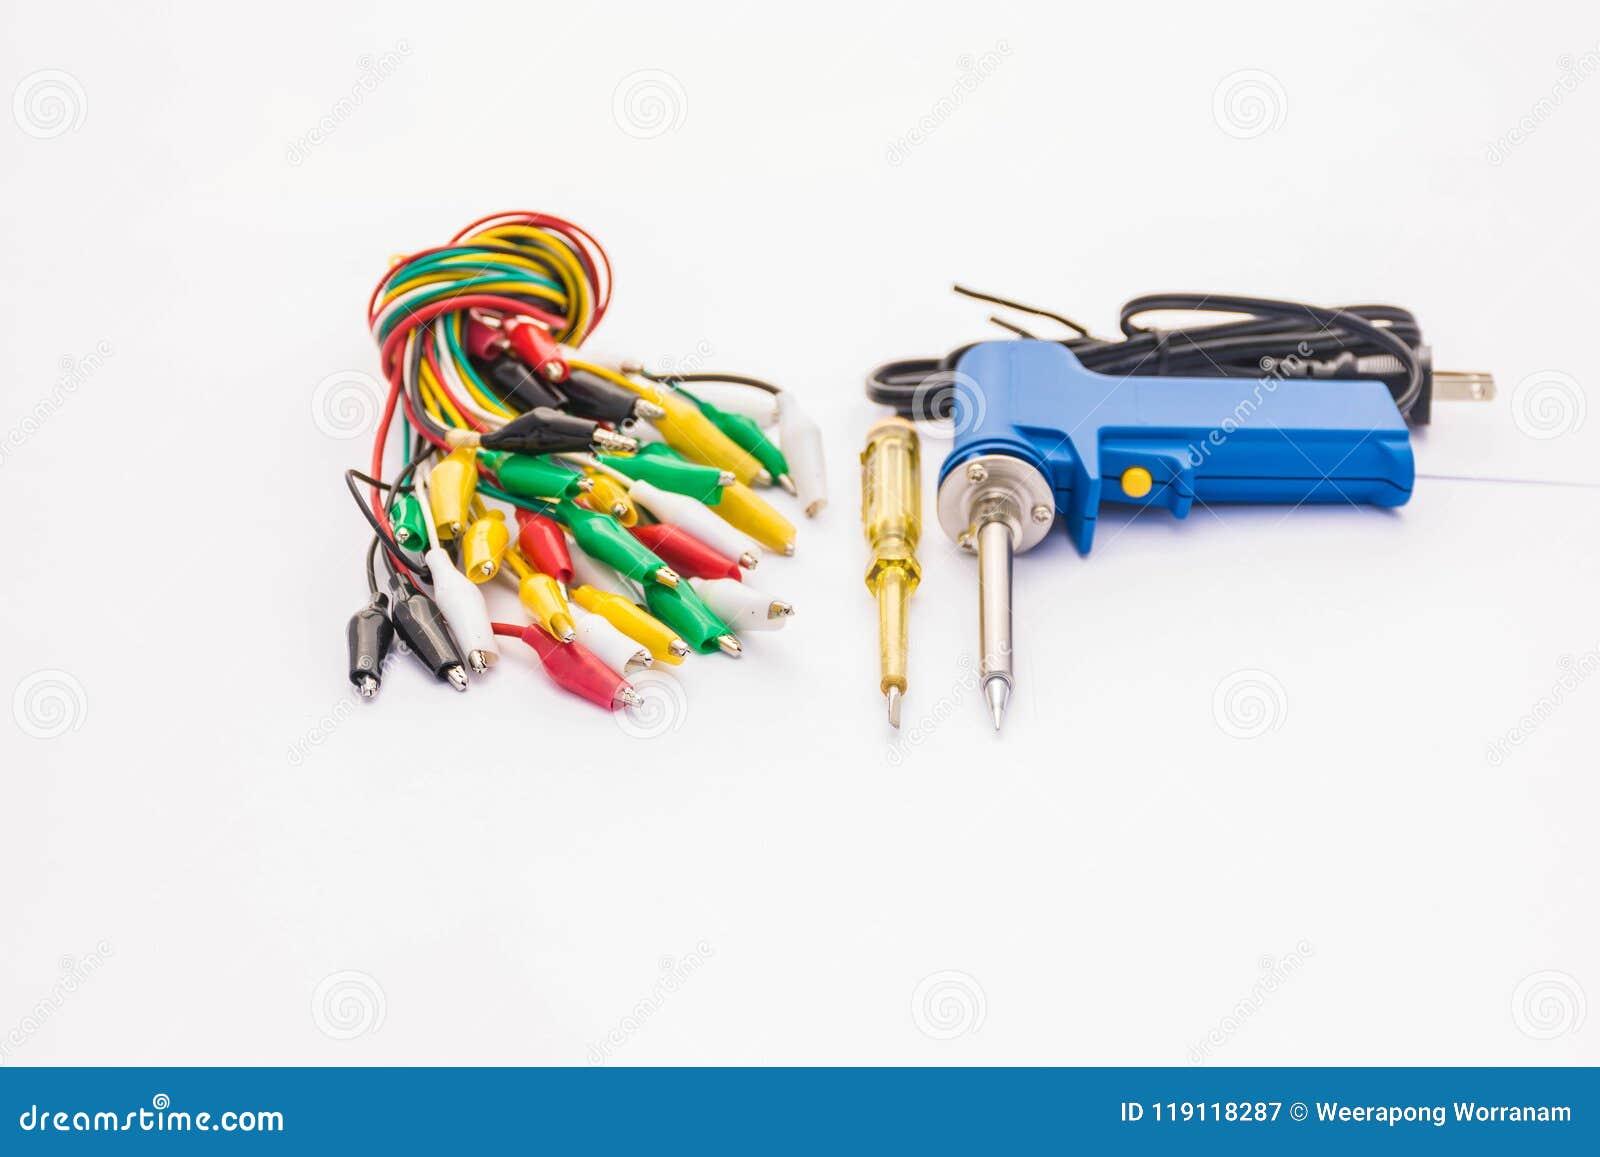 Den mjuka suddiga och mjuka fokusen av flerfärgad pincett, elektrisk skruvmejselprovlampa som löder utrustning, tillbehör, reserv